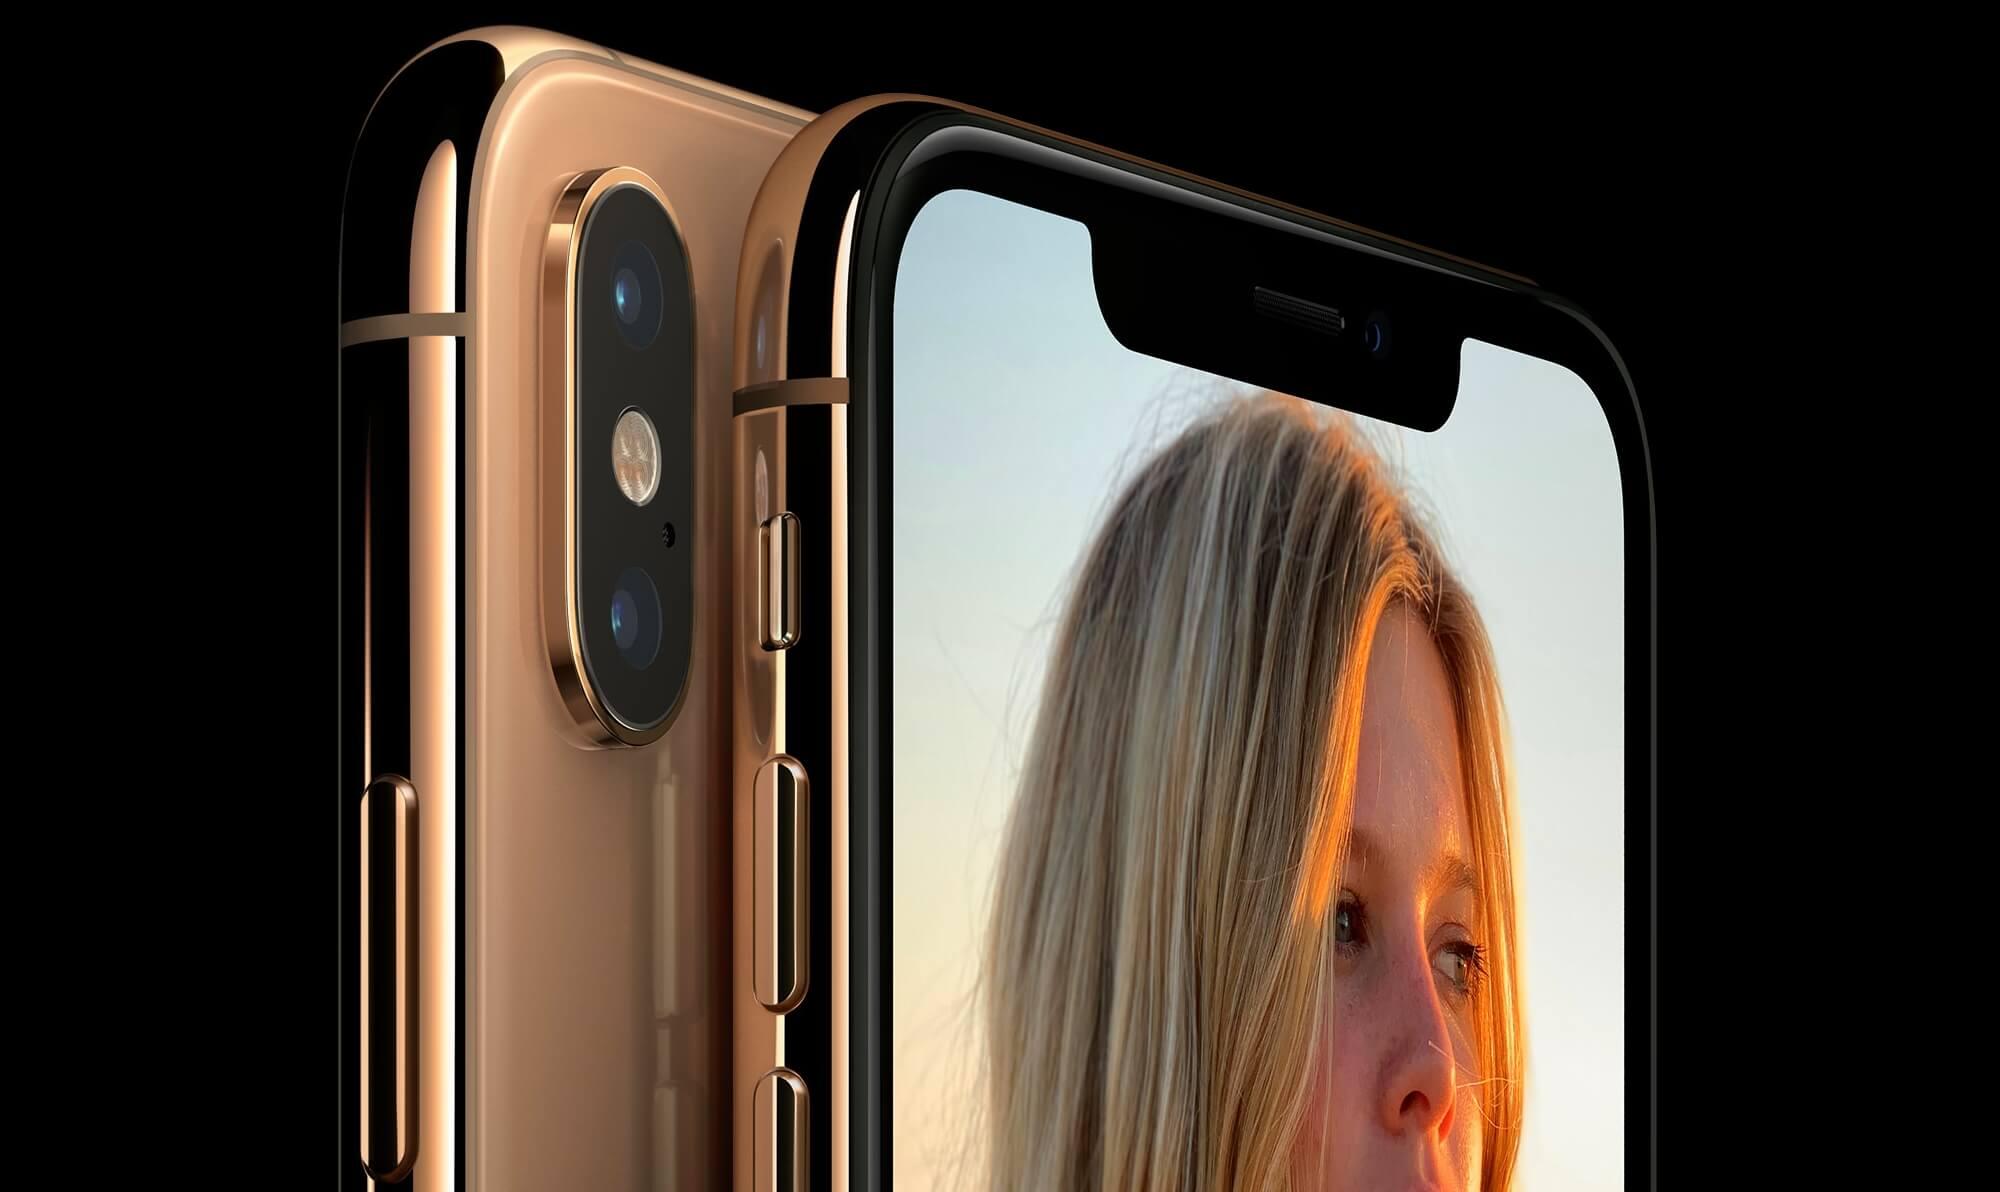 Верхний динамик iPhone XS и XS Max самопроизвольно отключается - фото 1 | Сервисный центр Total Apple